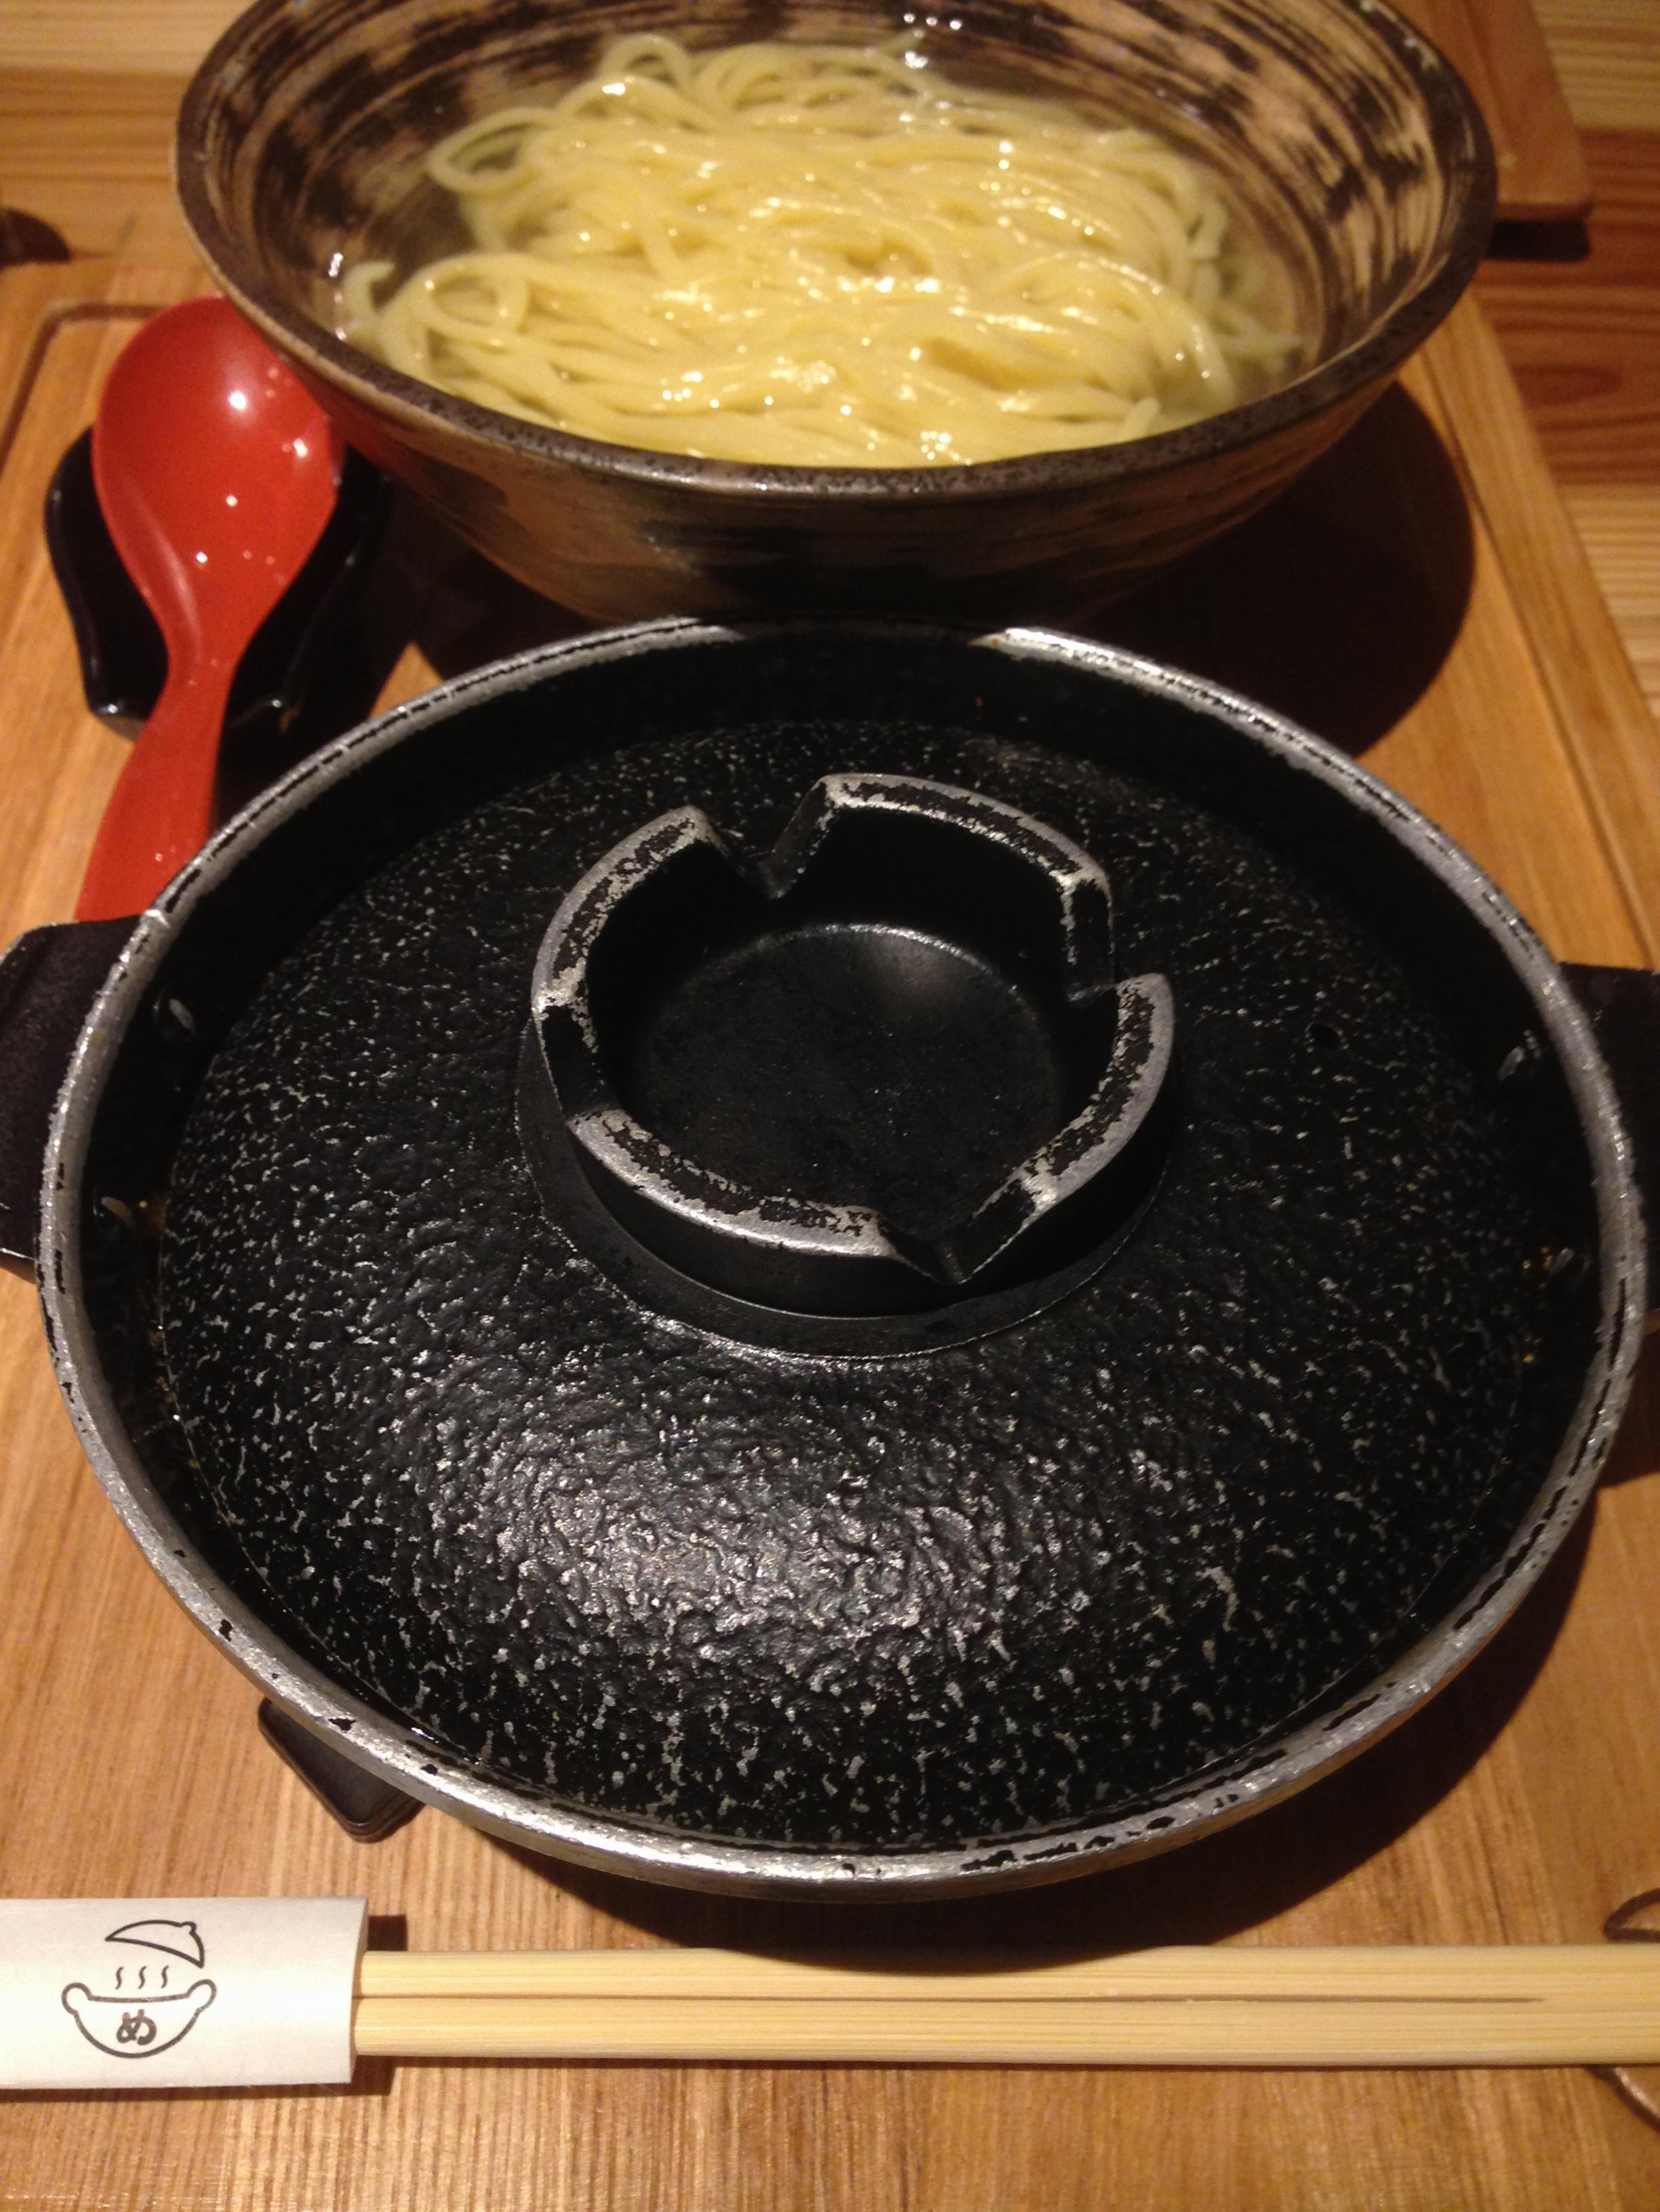 一度食べたら虜になる⁉️博多発・日本初の究極のつけ麺✨【元祖めんたい煮こみつけ麺】_3